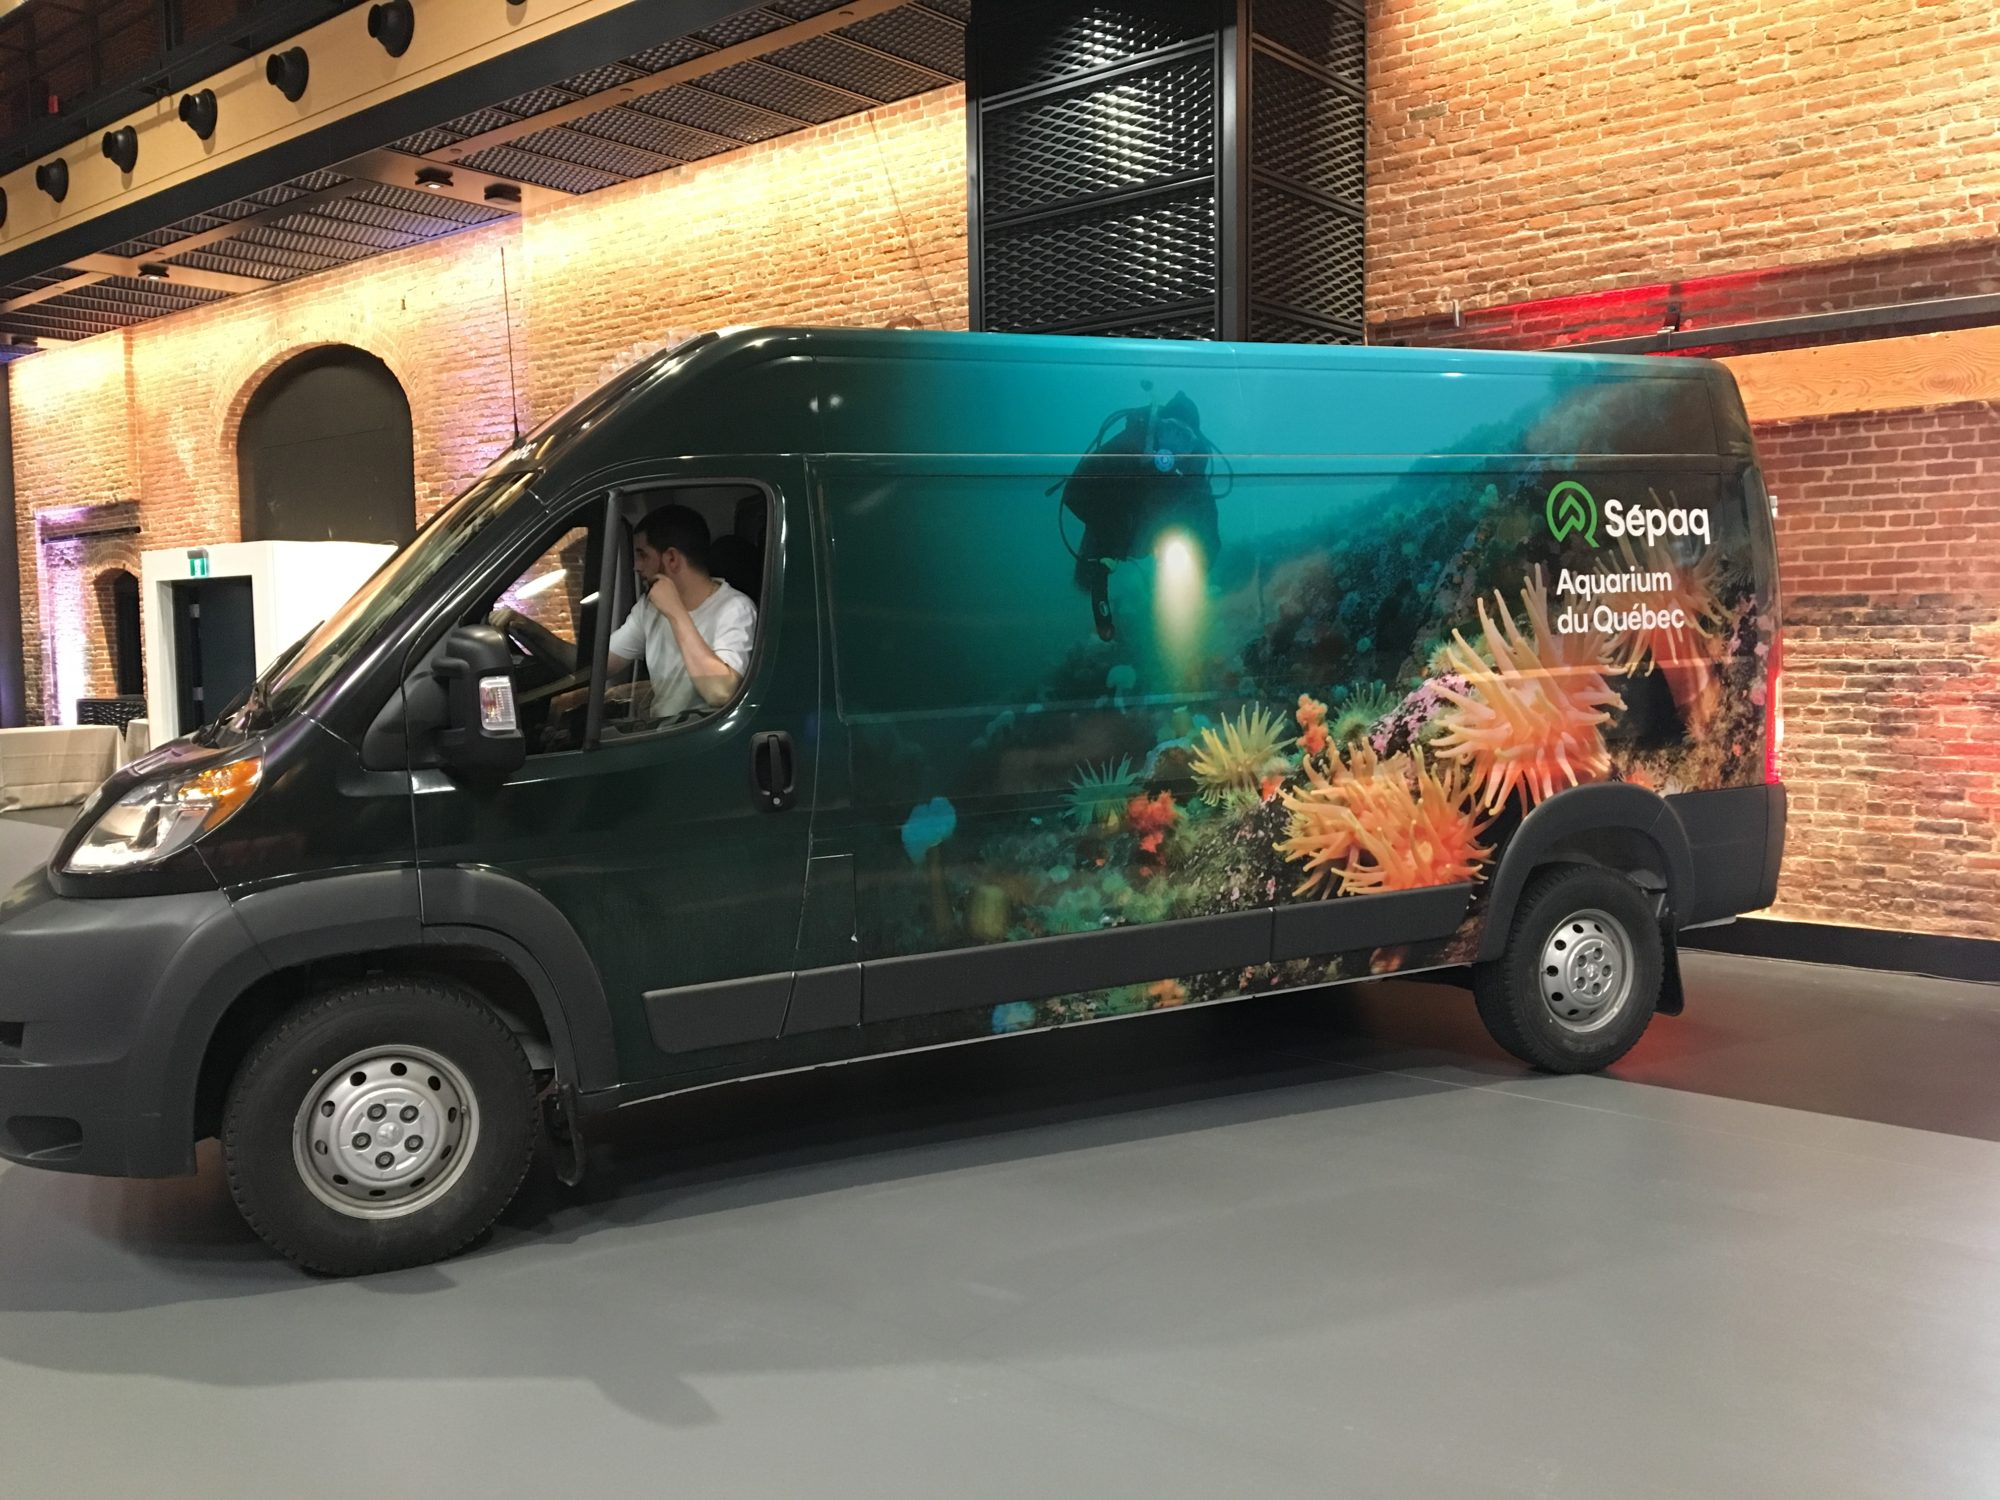 Auto_Aquarium